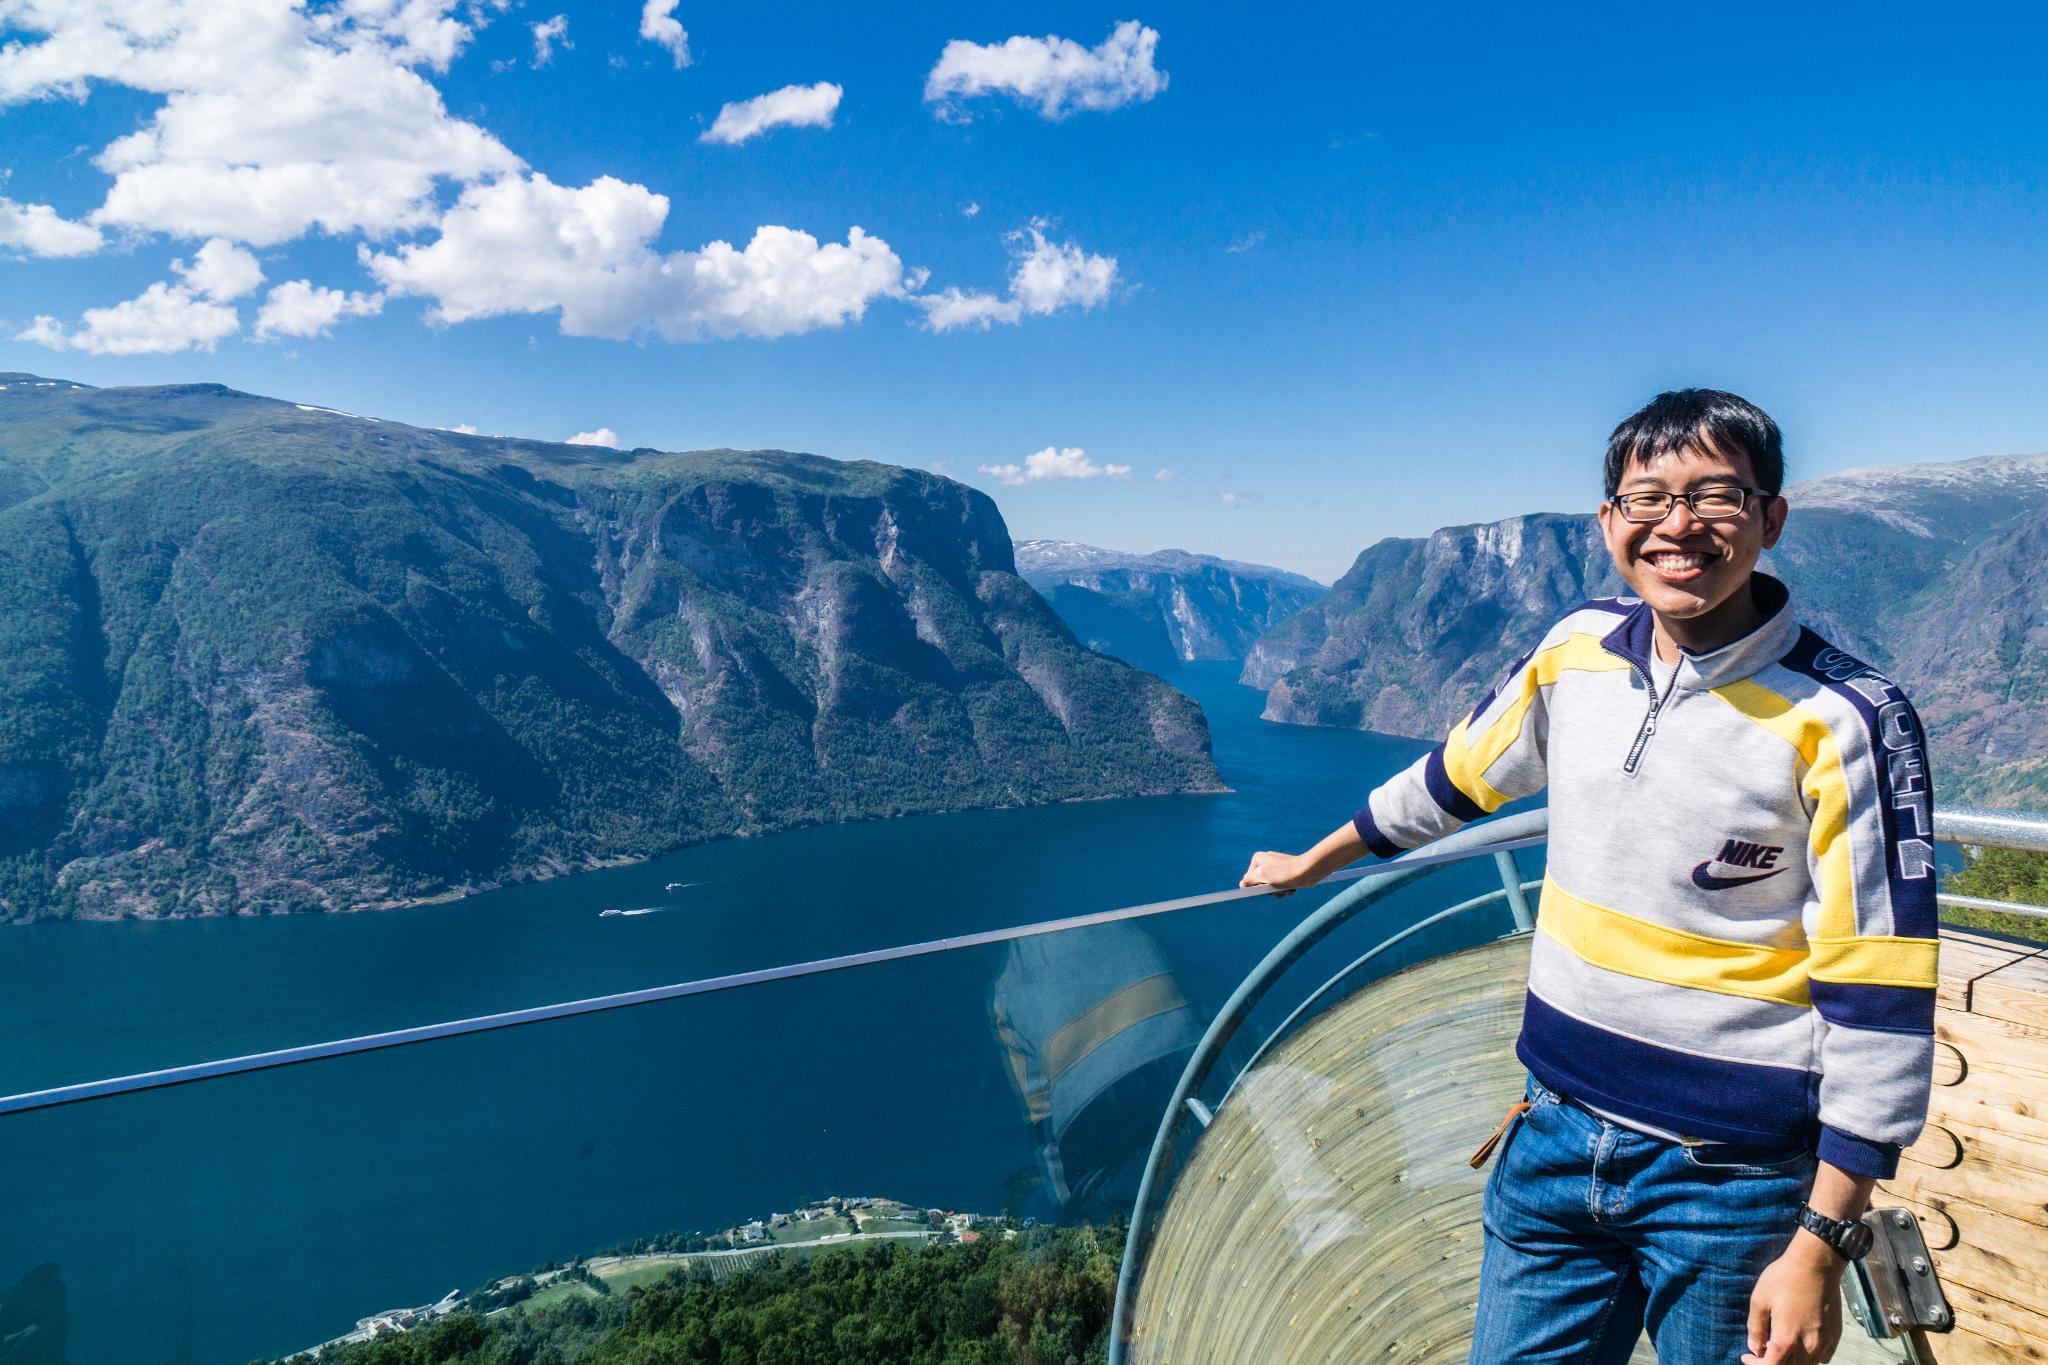 【北歐景點】世界最美景觀公路 - 俯瞰挪威松恩峽灣的 Fv243 雪之路 (Aurlandsfjellet) 32